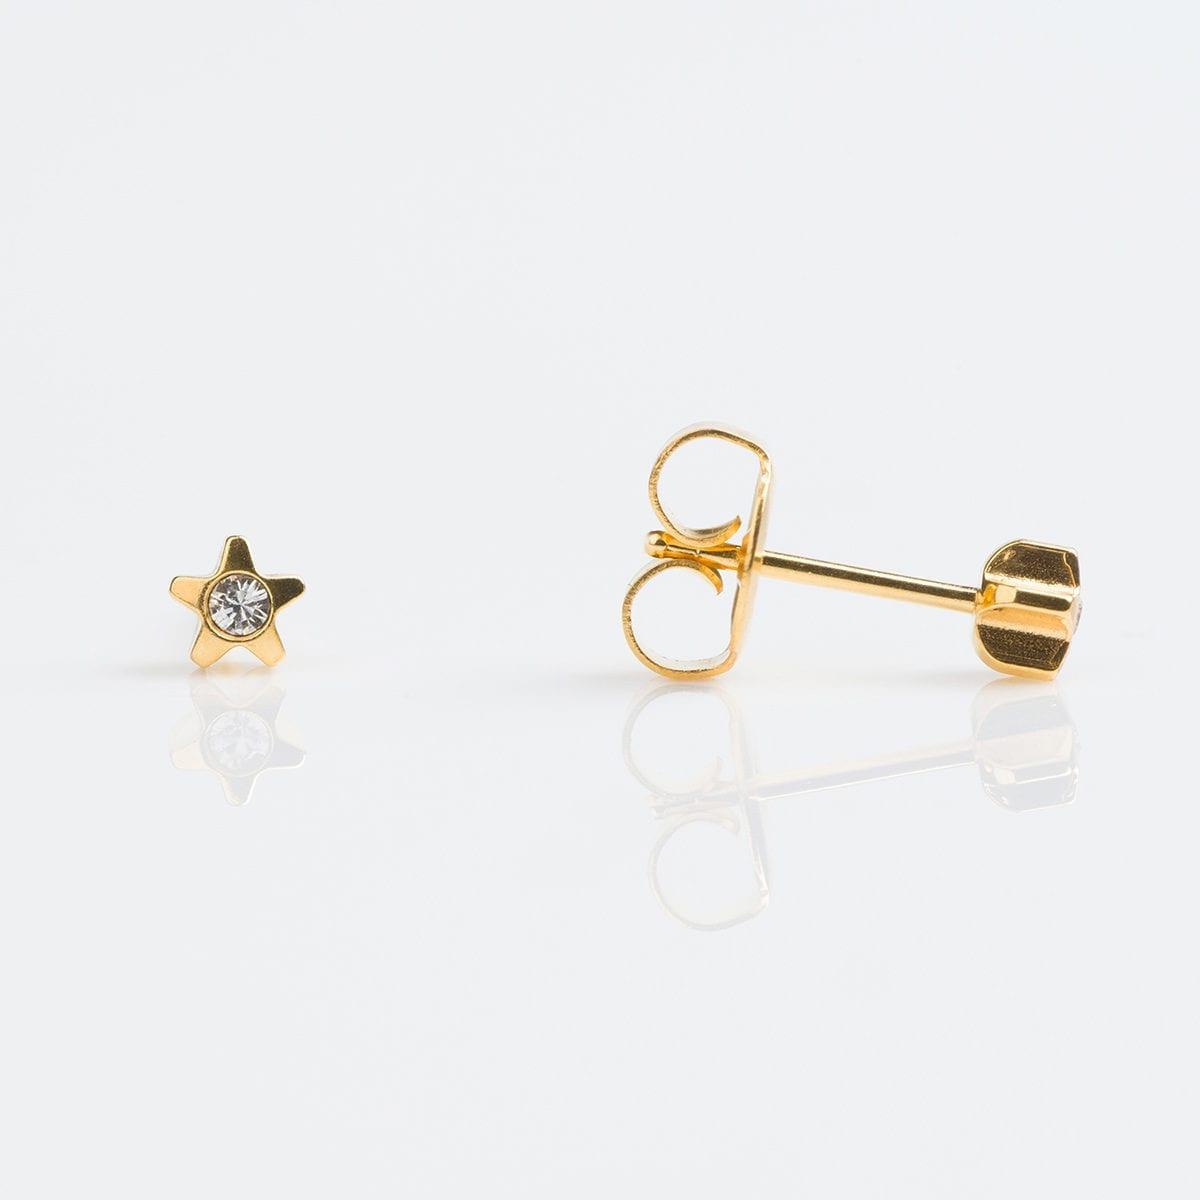 tiny-tips-starlight-gold